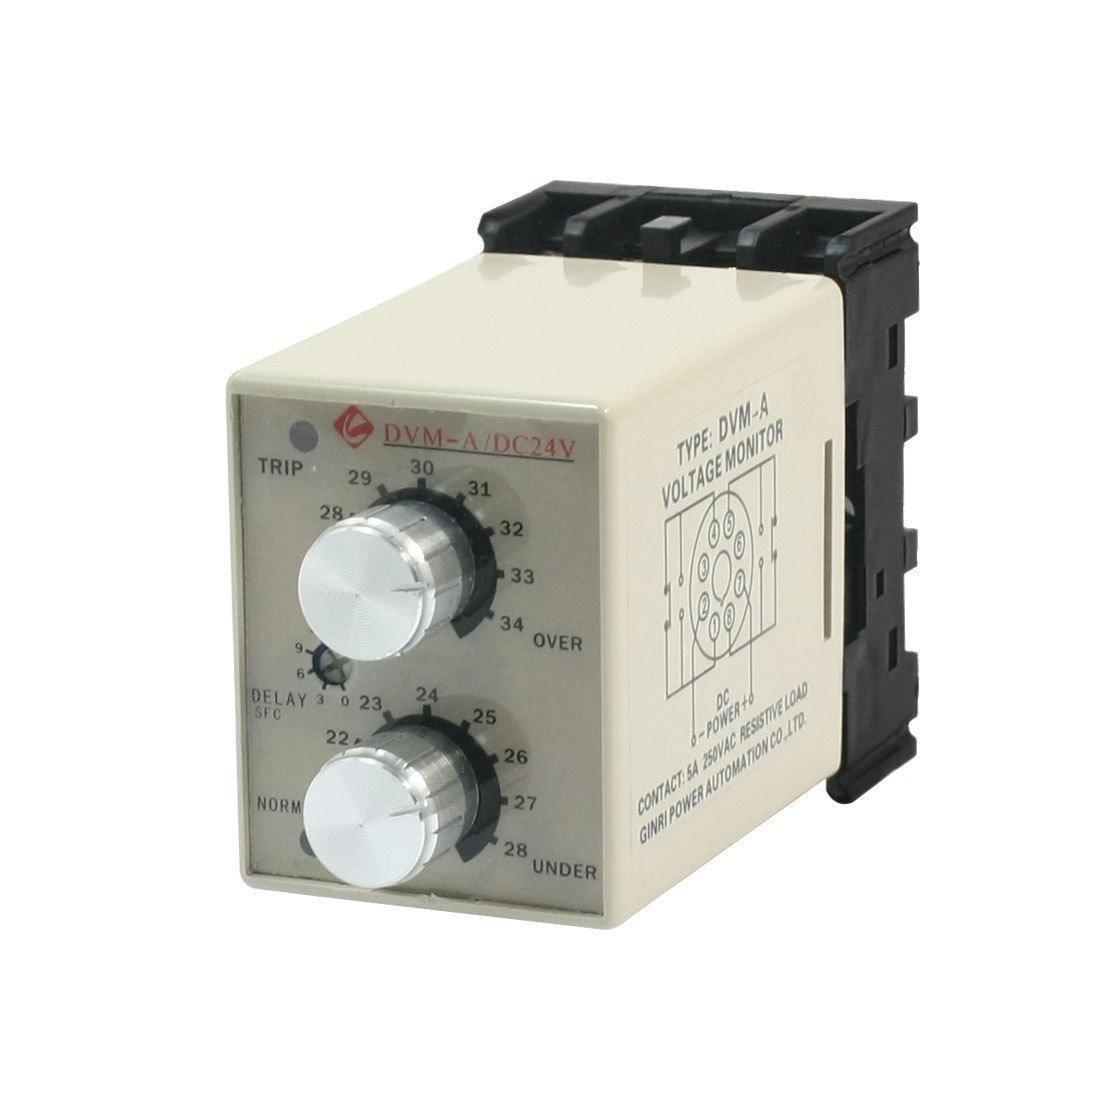 DVM-A/24V DC 24V Protective Adjustable Over/Under Voltage Monitoring Relay